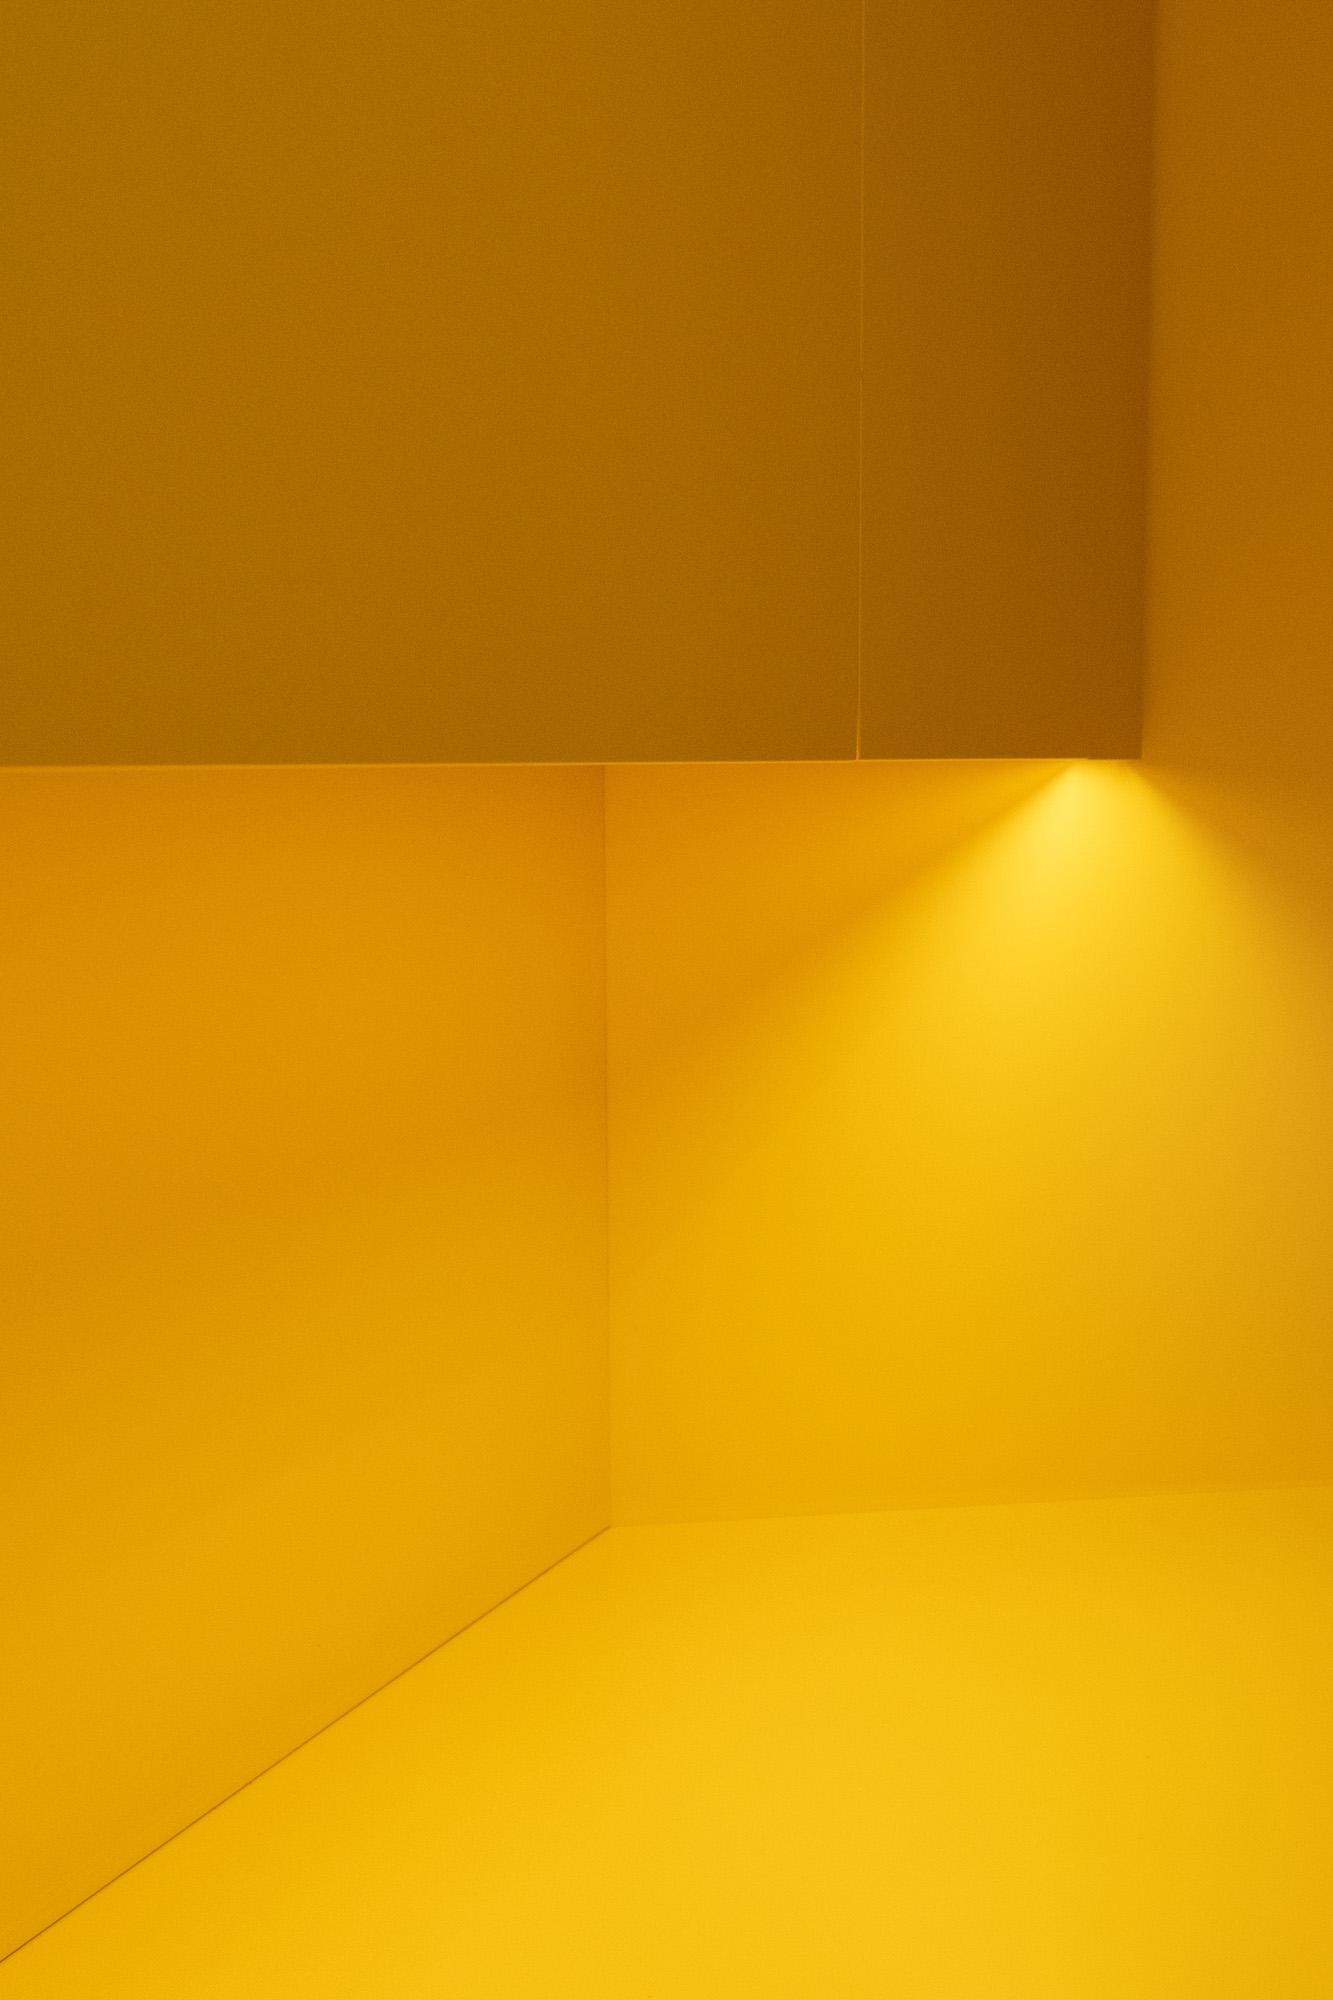 SEBASTIAN ZENKER INTERIOR DESIGN - LAUNDRY ROOM  6.jpg